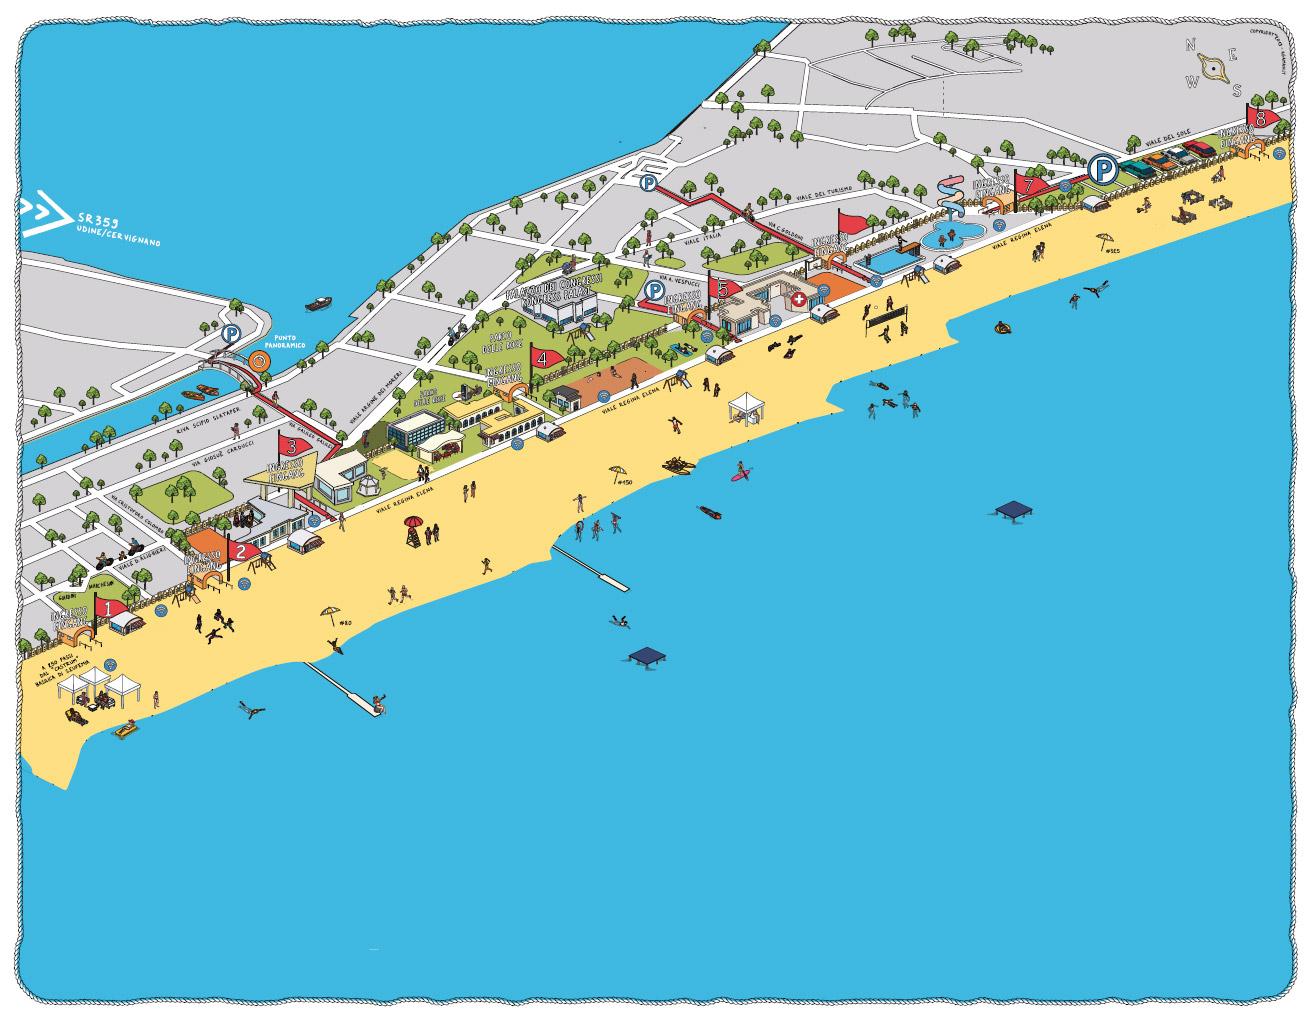 Übersichtsplan - GRADO Spiaggia e Terme marine - G.I.T. GRADO ...